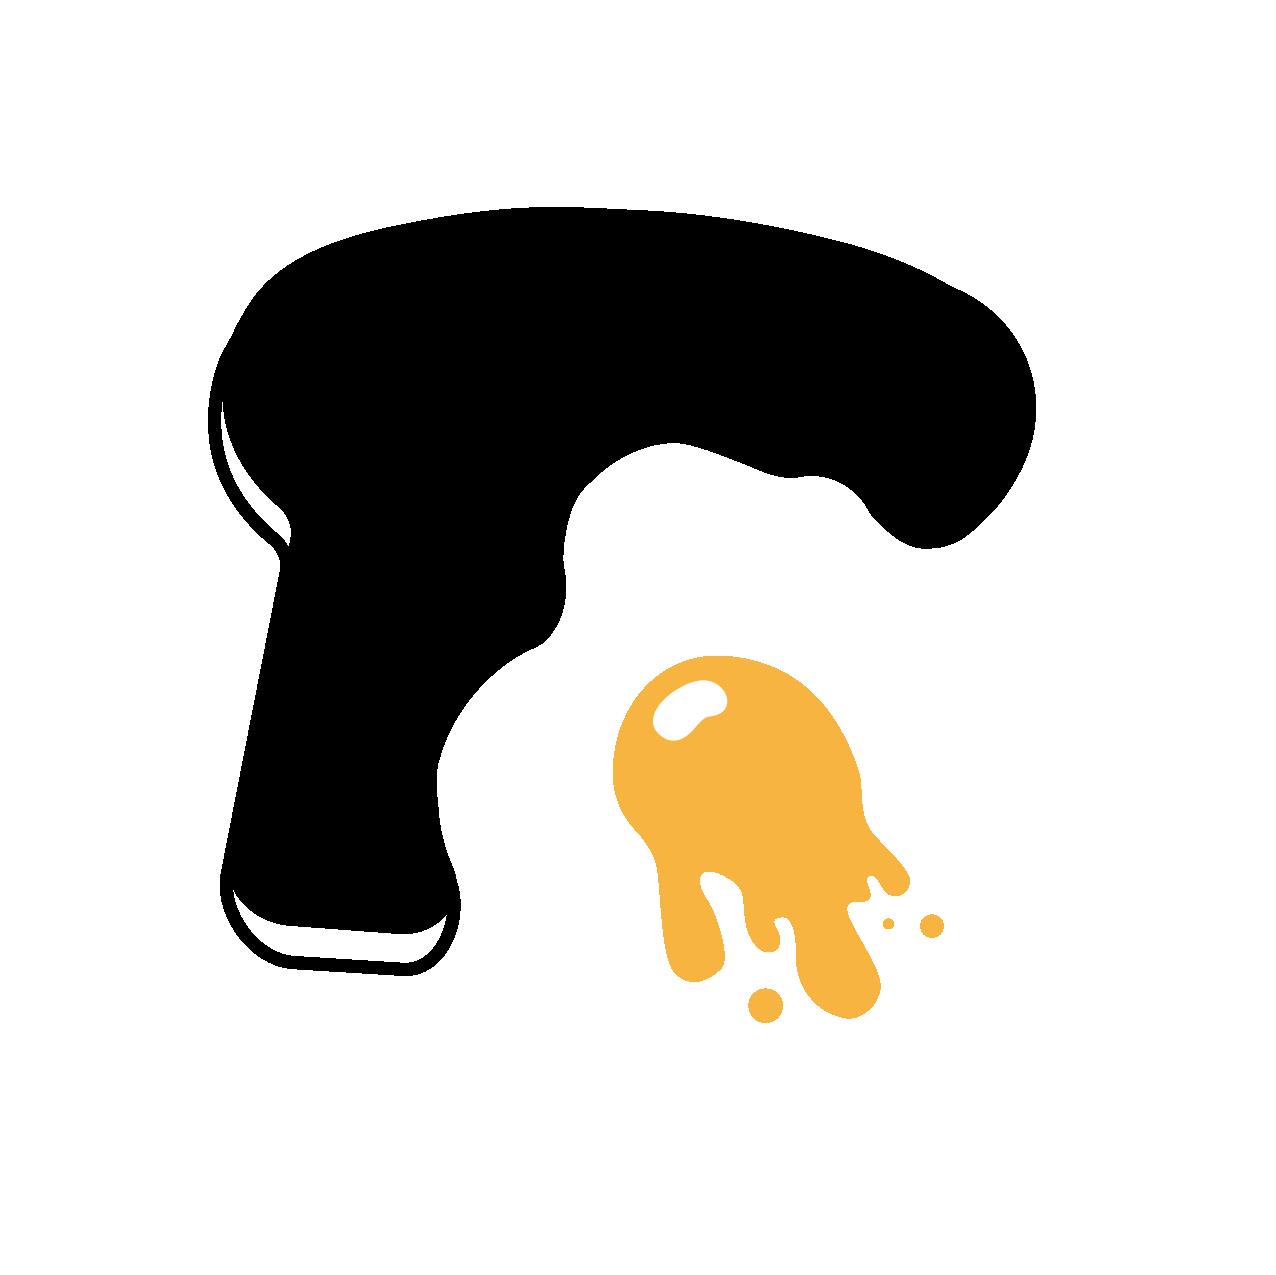 logos_files-03.png